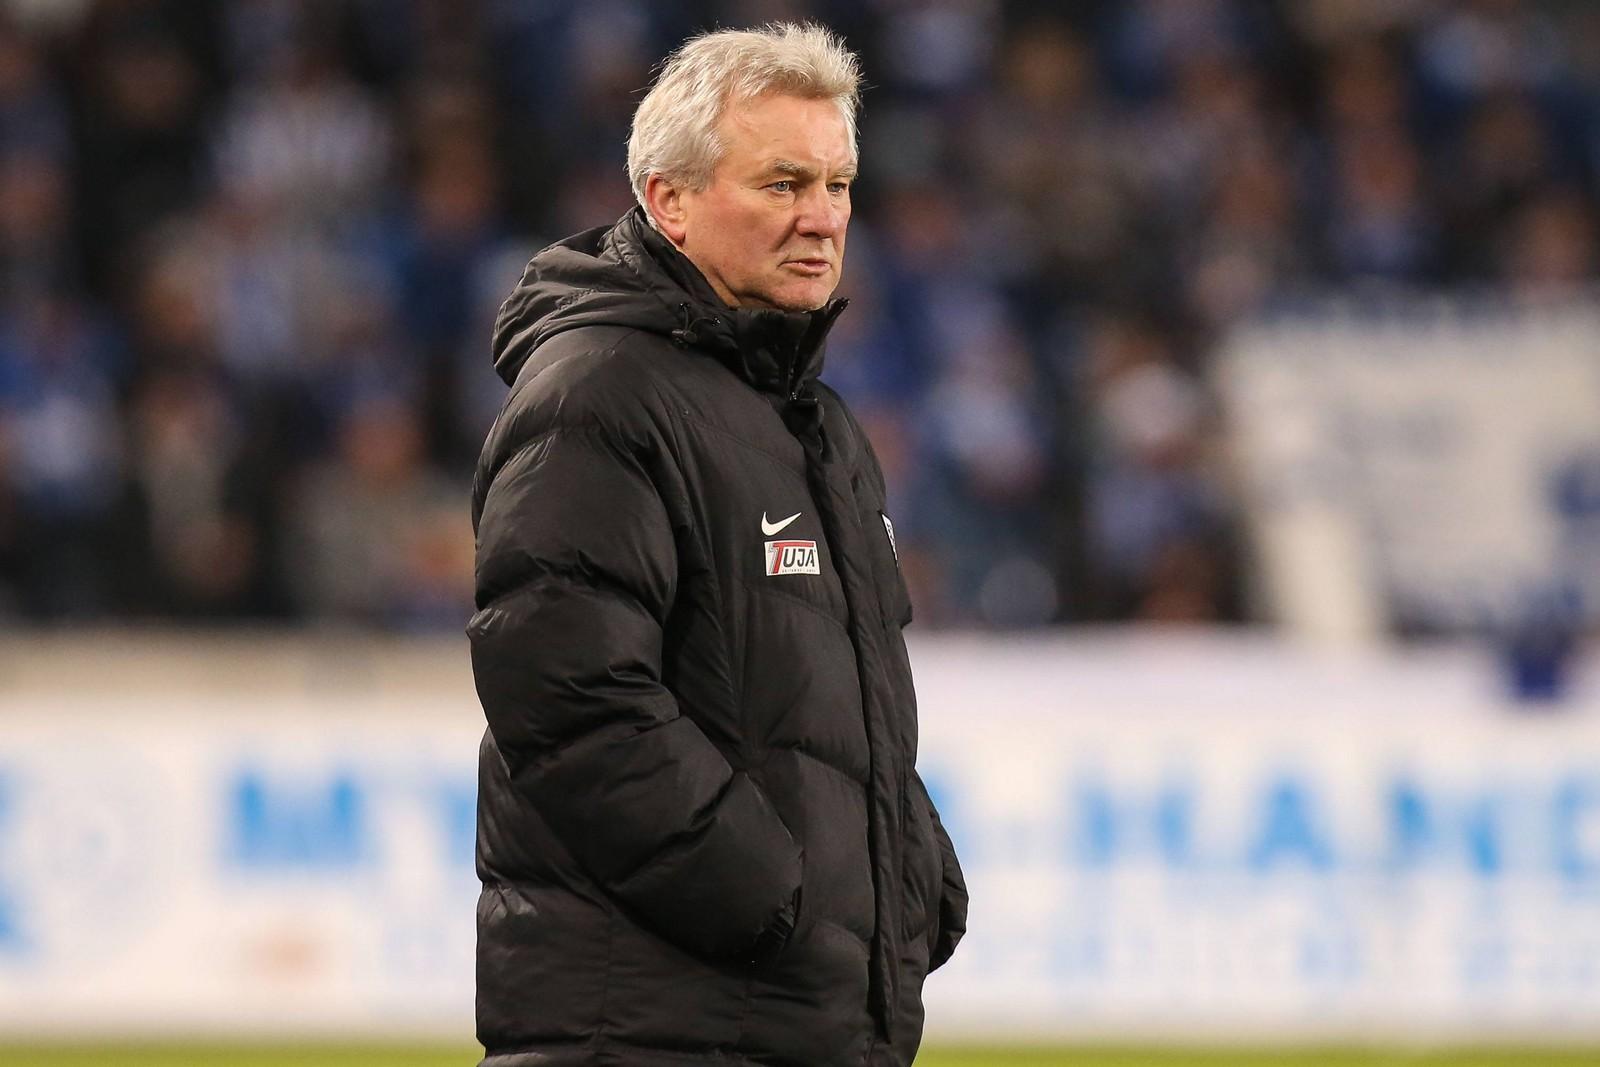 Trainer-Routinier Benno Möhlmann